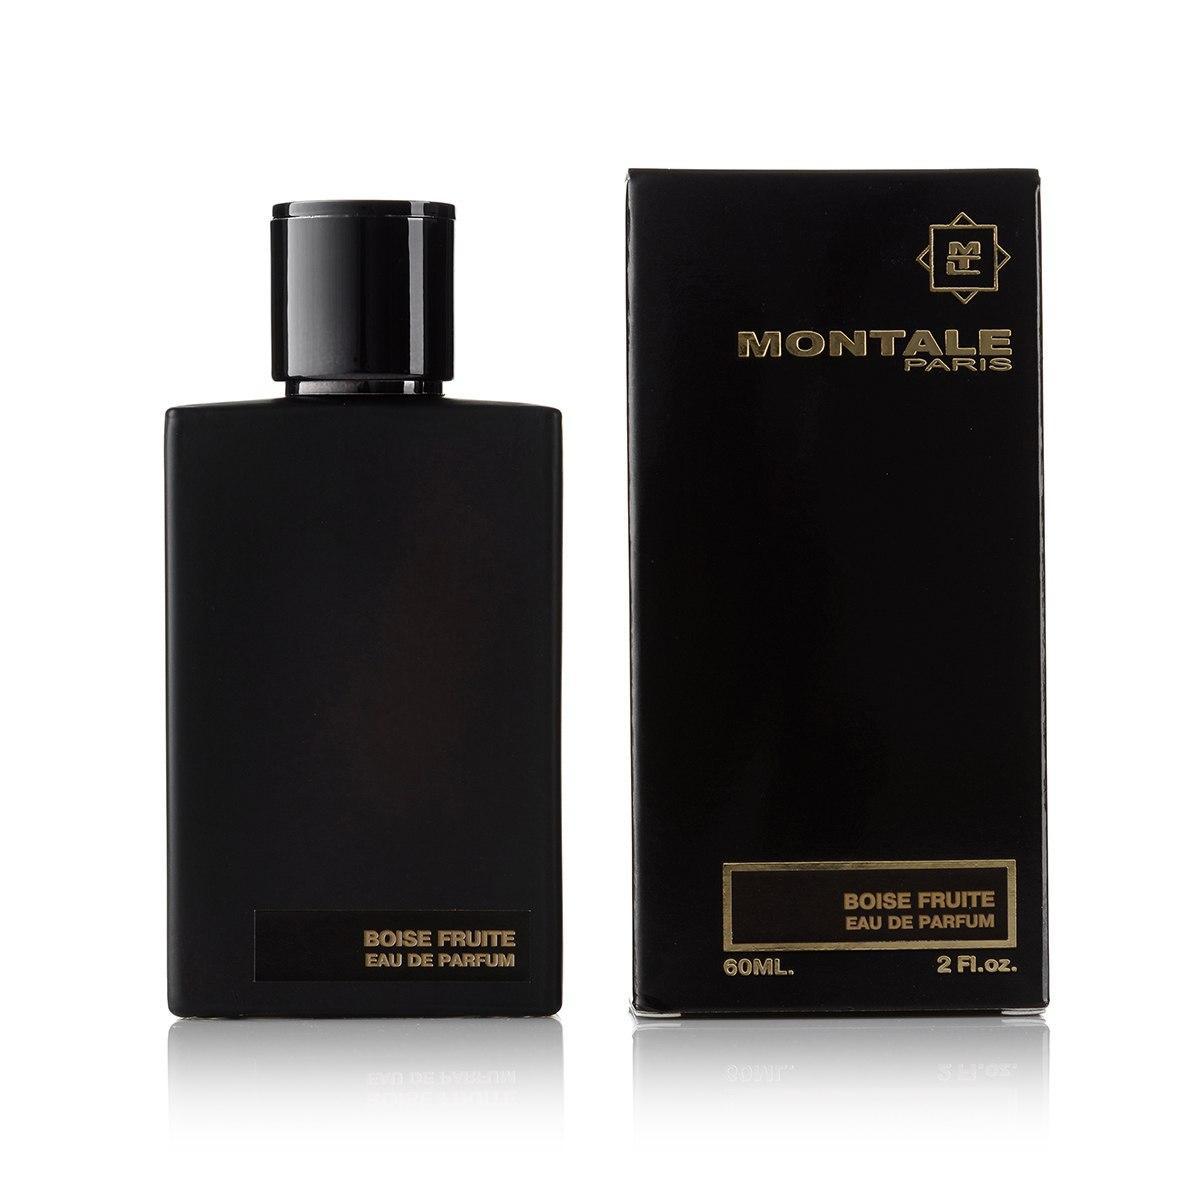 Мини парфюм Montale Boise Fruite (Унисекс) - 60 мл (M-35)